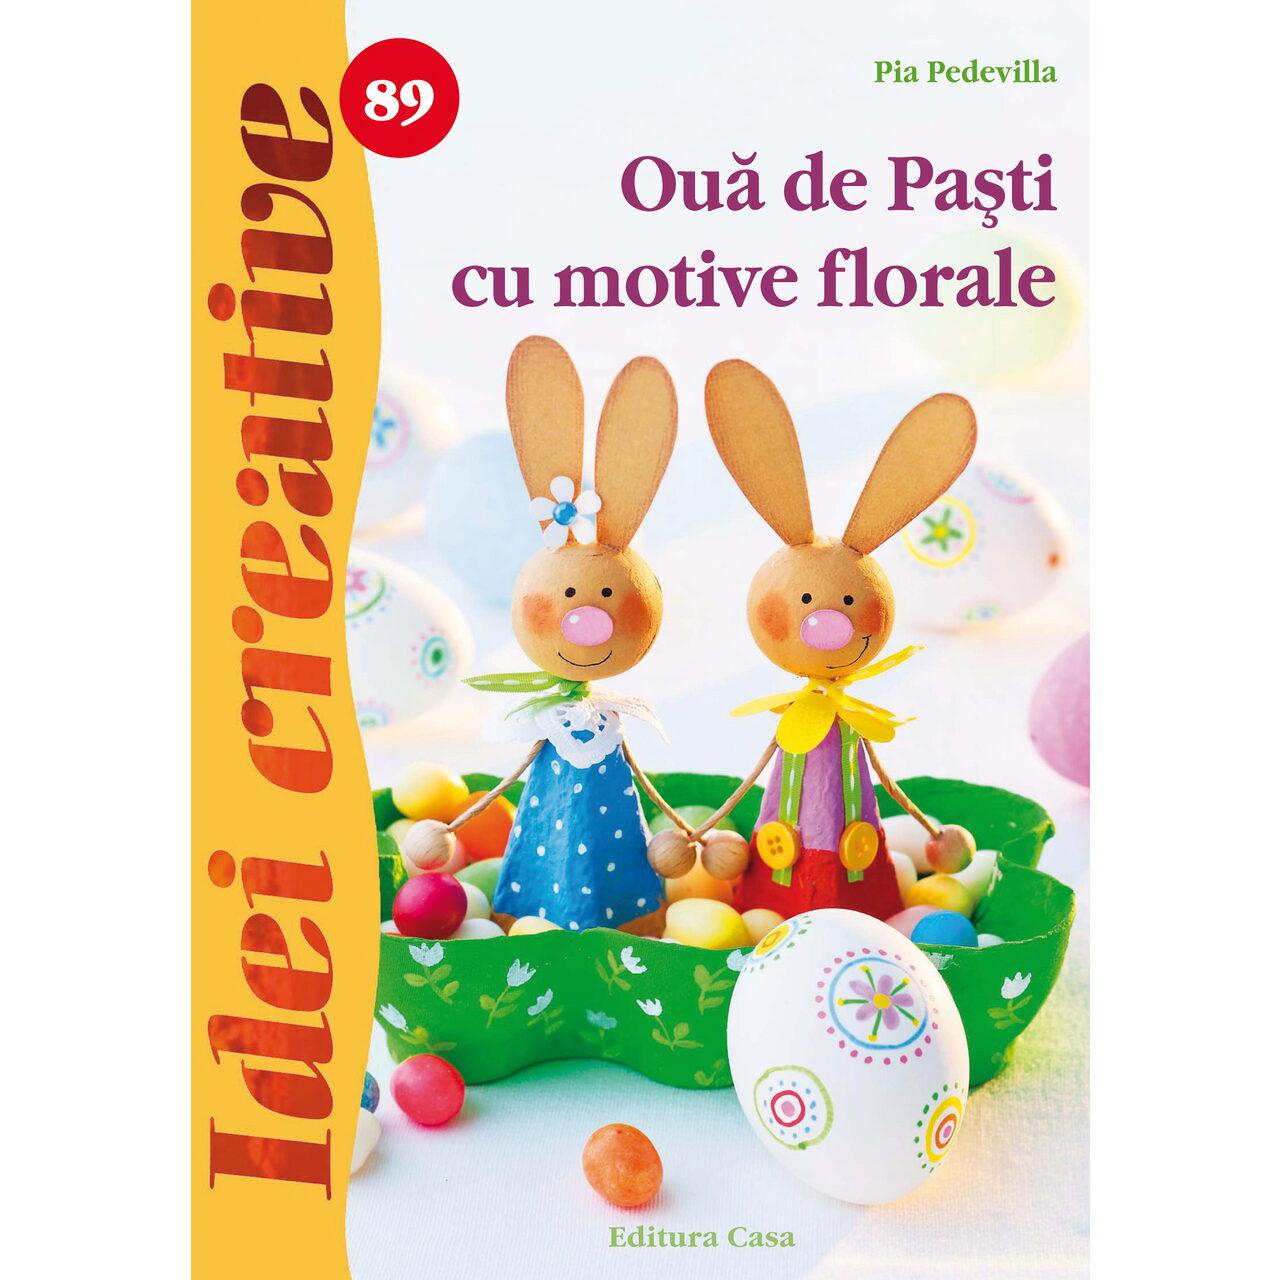 Ouă de Paşti cu motive florale - Idei creative 89 imagine edituracasa.ro